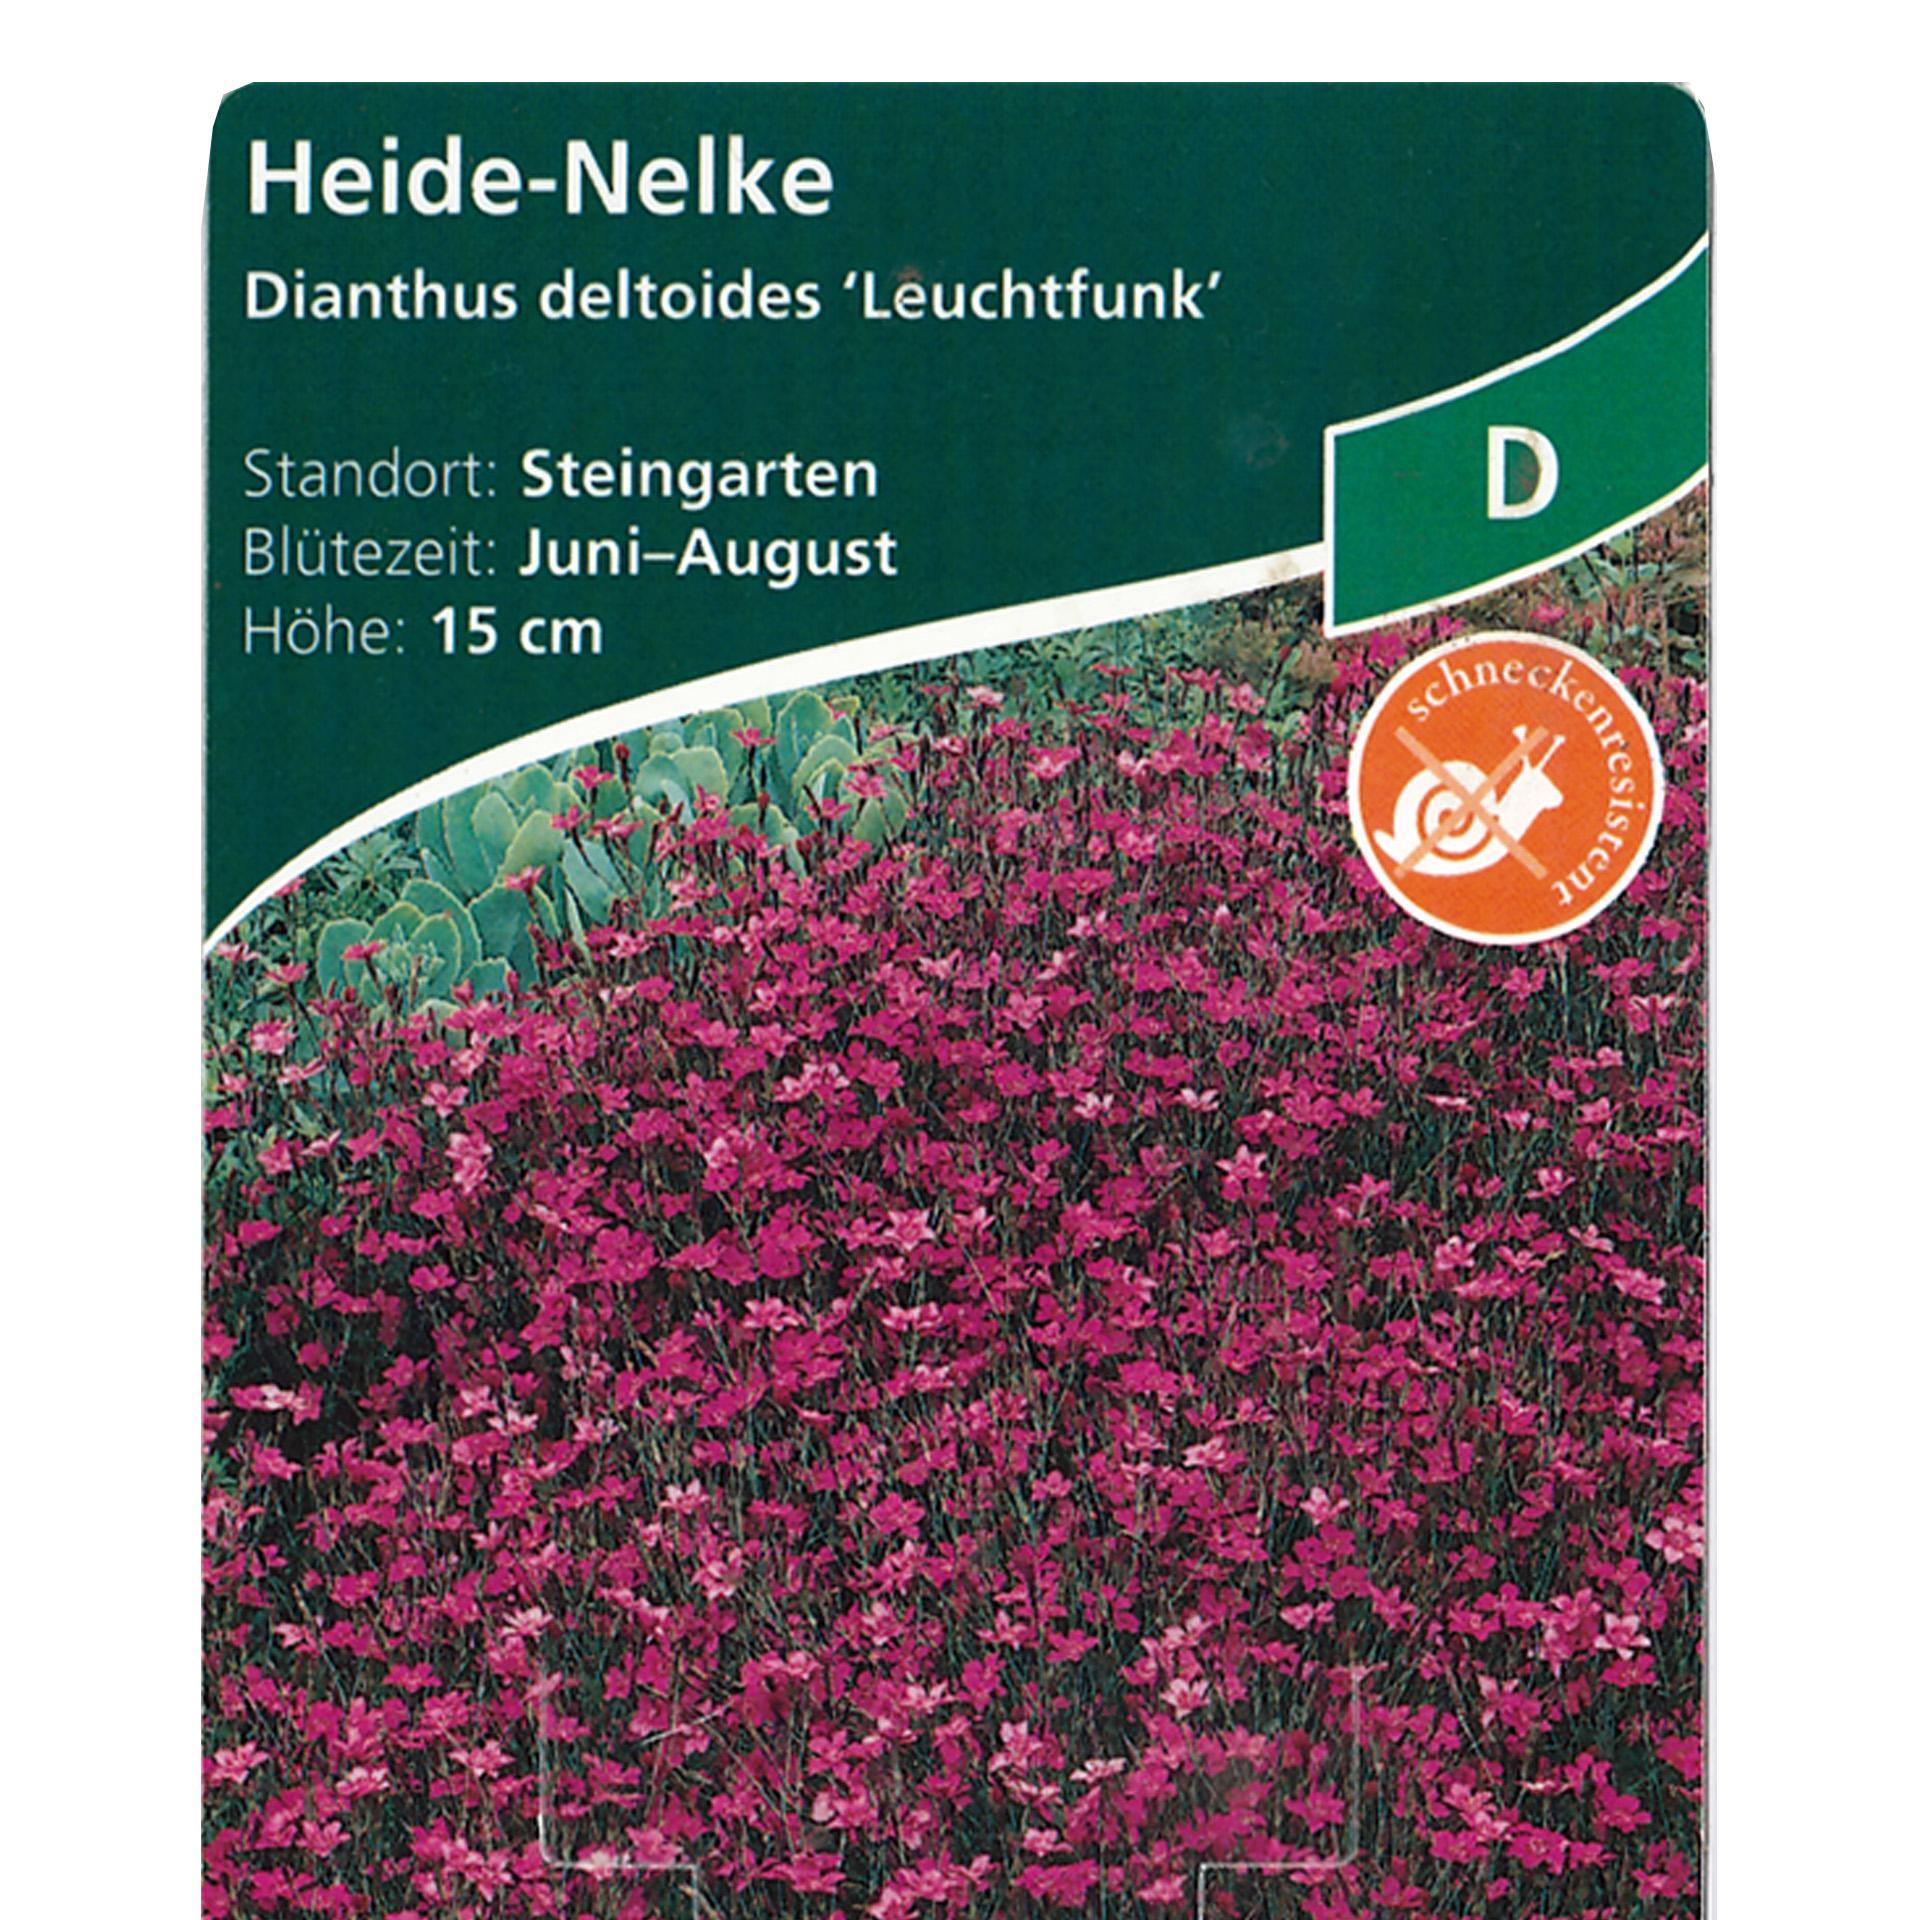 Heidenelke – Dianthus deltoides 'Leuchtfunk' rot, 11cm Topf